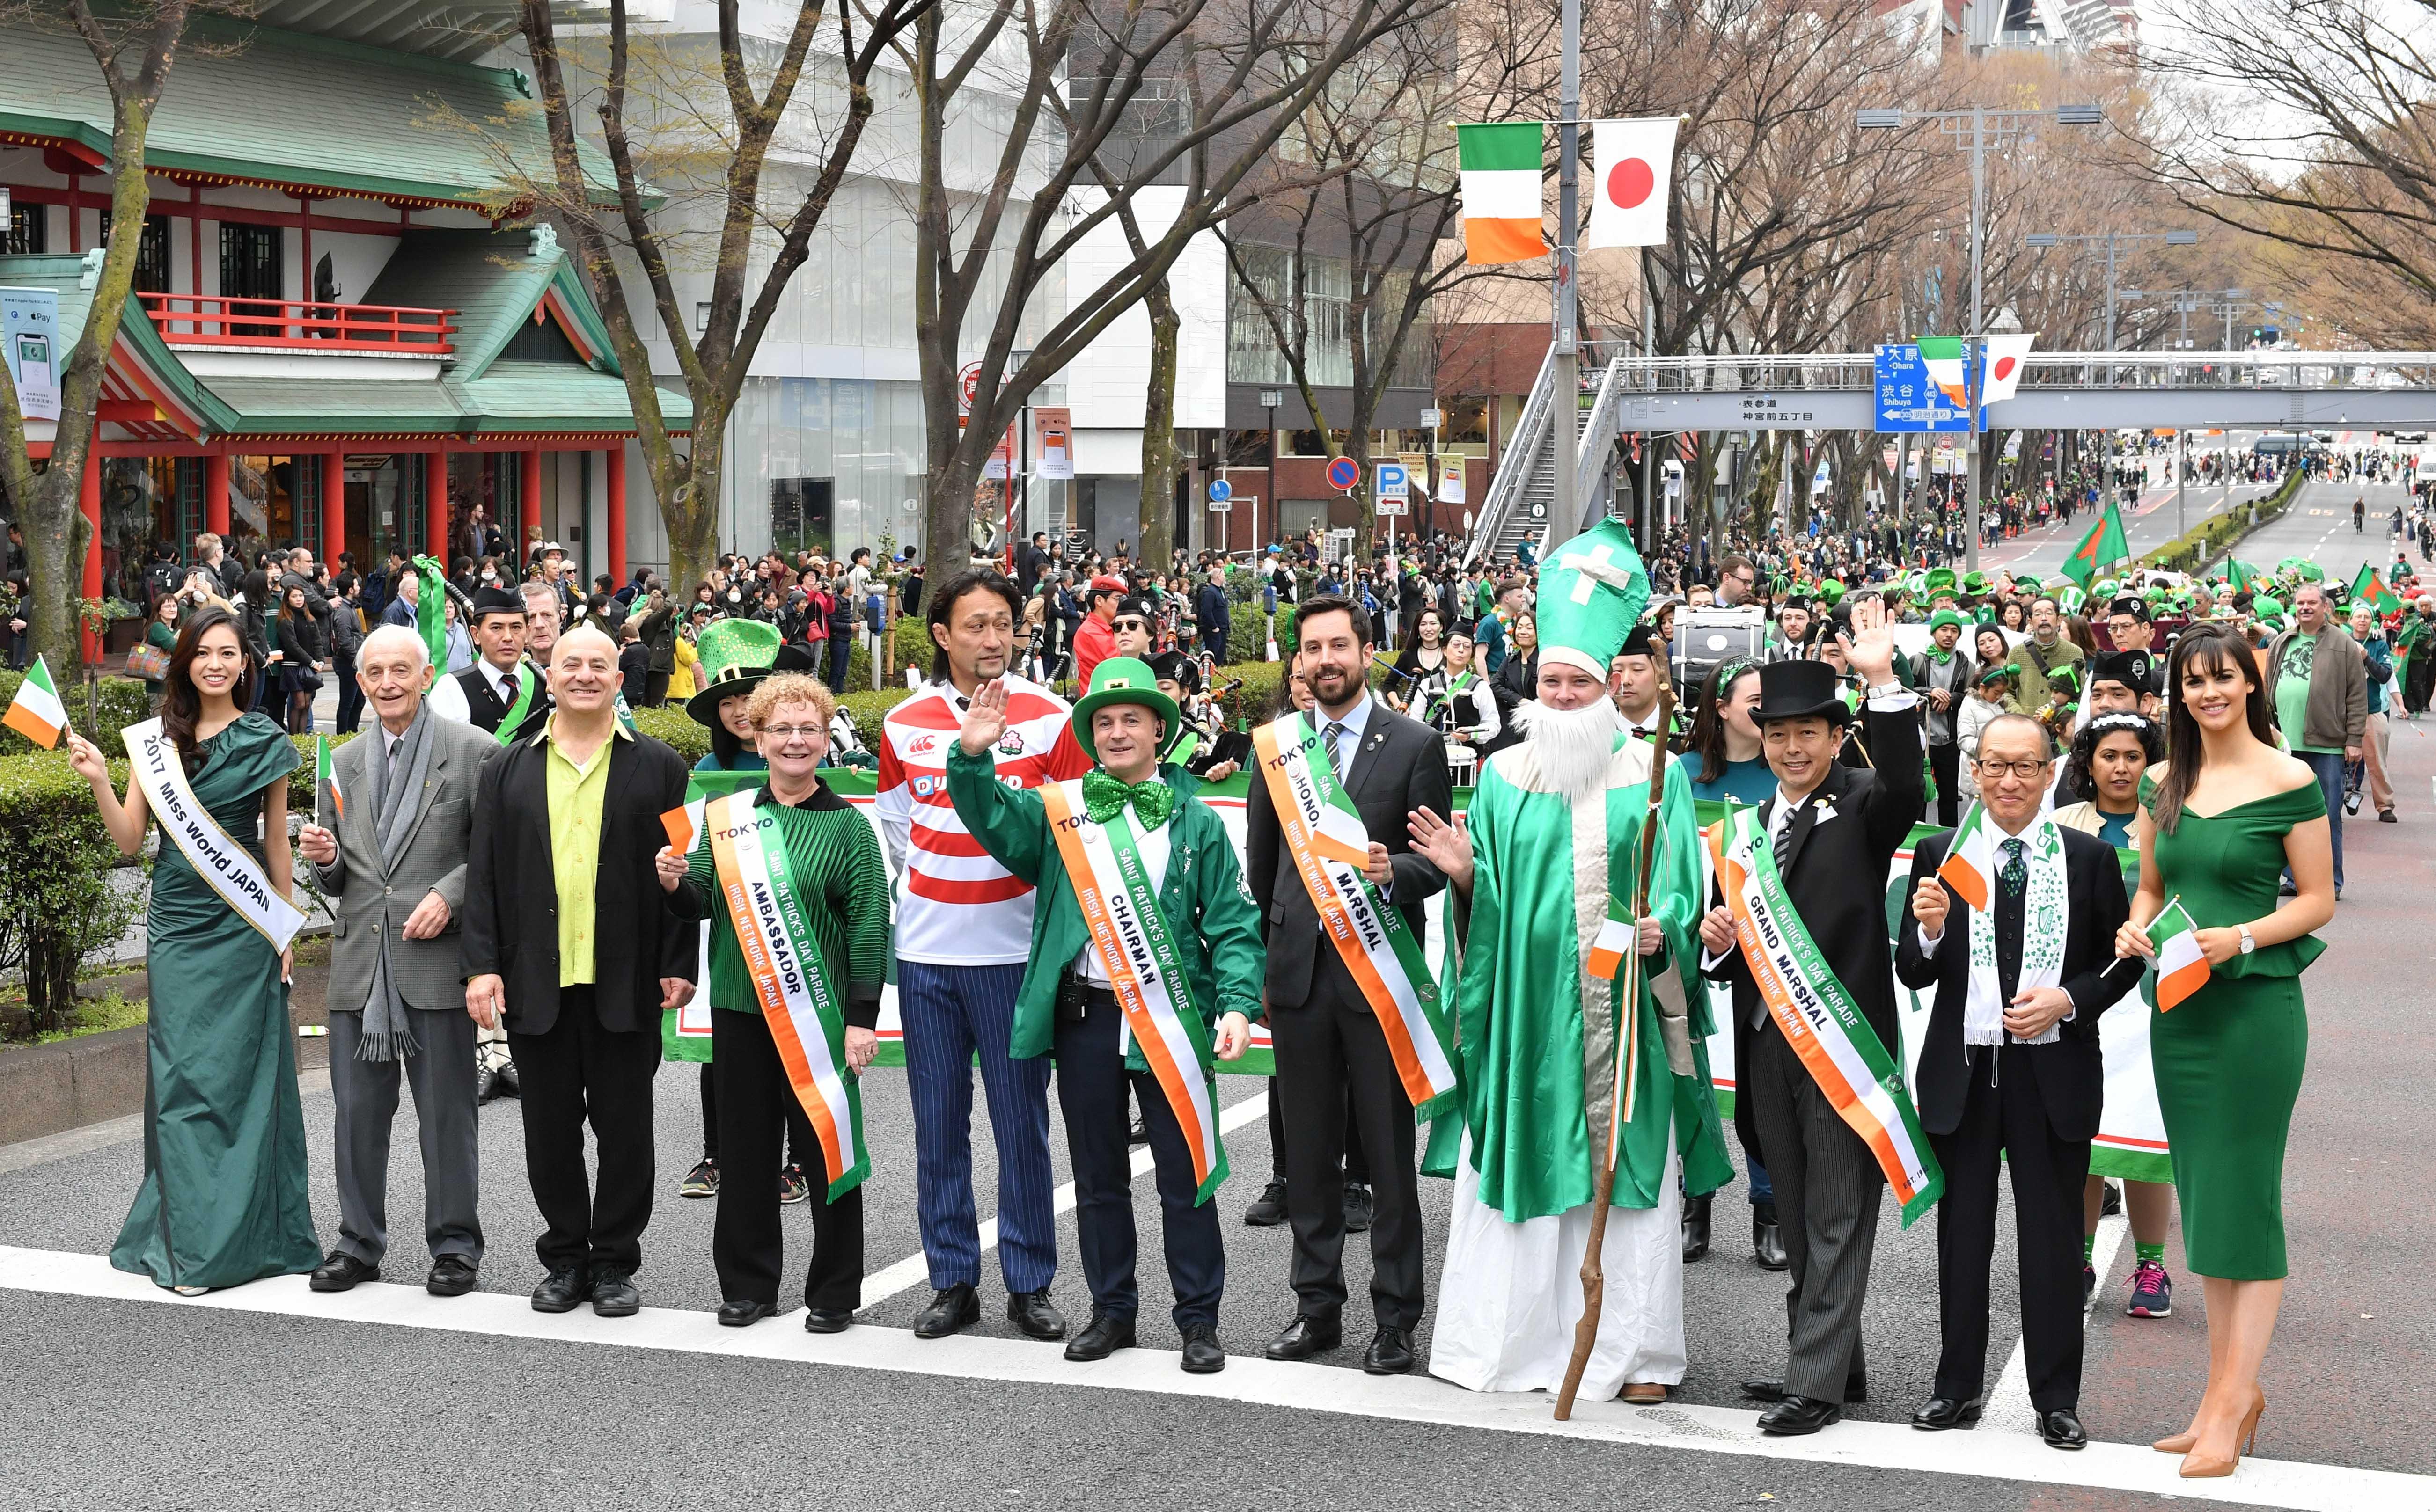 2019年、日本で行われるセント・パトリックス・デー関連イベント|アイルランド大使館のプレスリリース